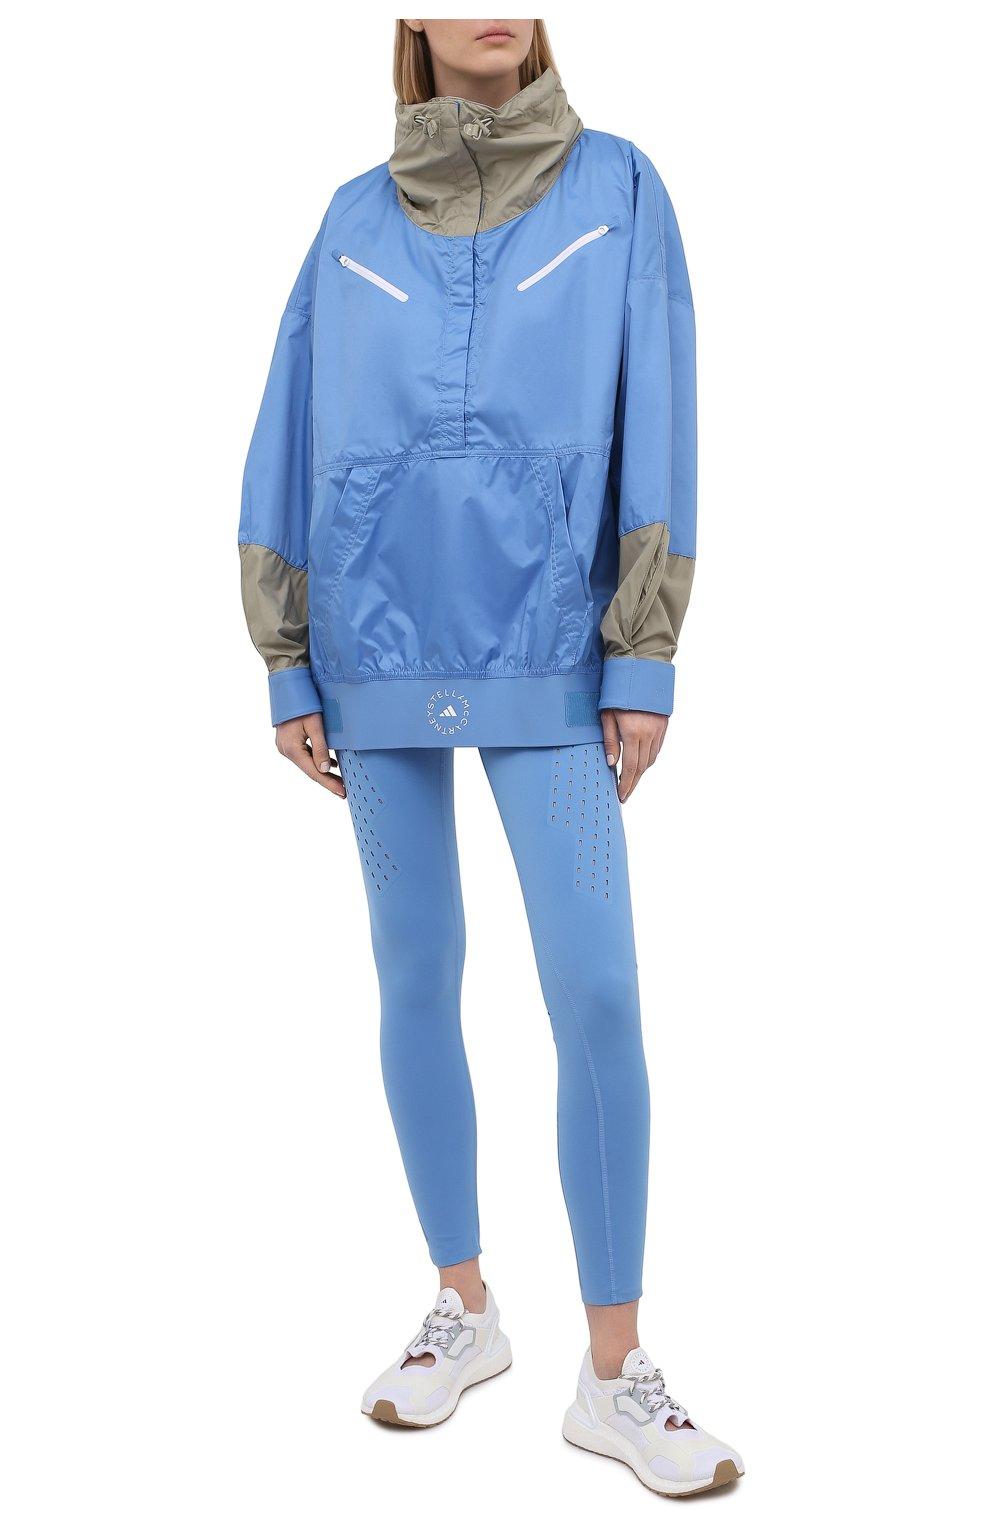 Женская ветровка ADIDAS BY STELLA MCCARTNEY голубого цвета, арт. GL7332 | Фото 2 (Кросс-КТ: Куртка, Ветровка; Рукава: Длинные; Женское Кросс-КТ: Куртка-спорт; Длина (верхняя одежда): До середины бедра; Материал внешний: Синтетический материал; Стили: Спорт-шик)